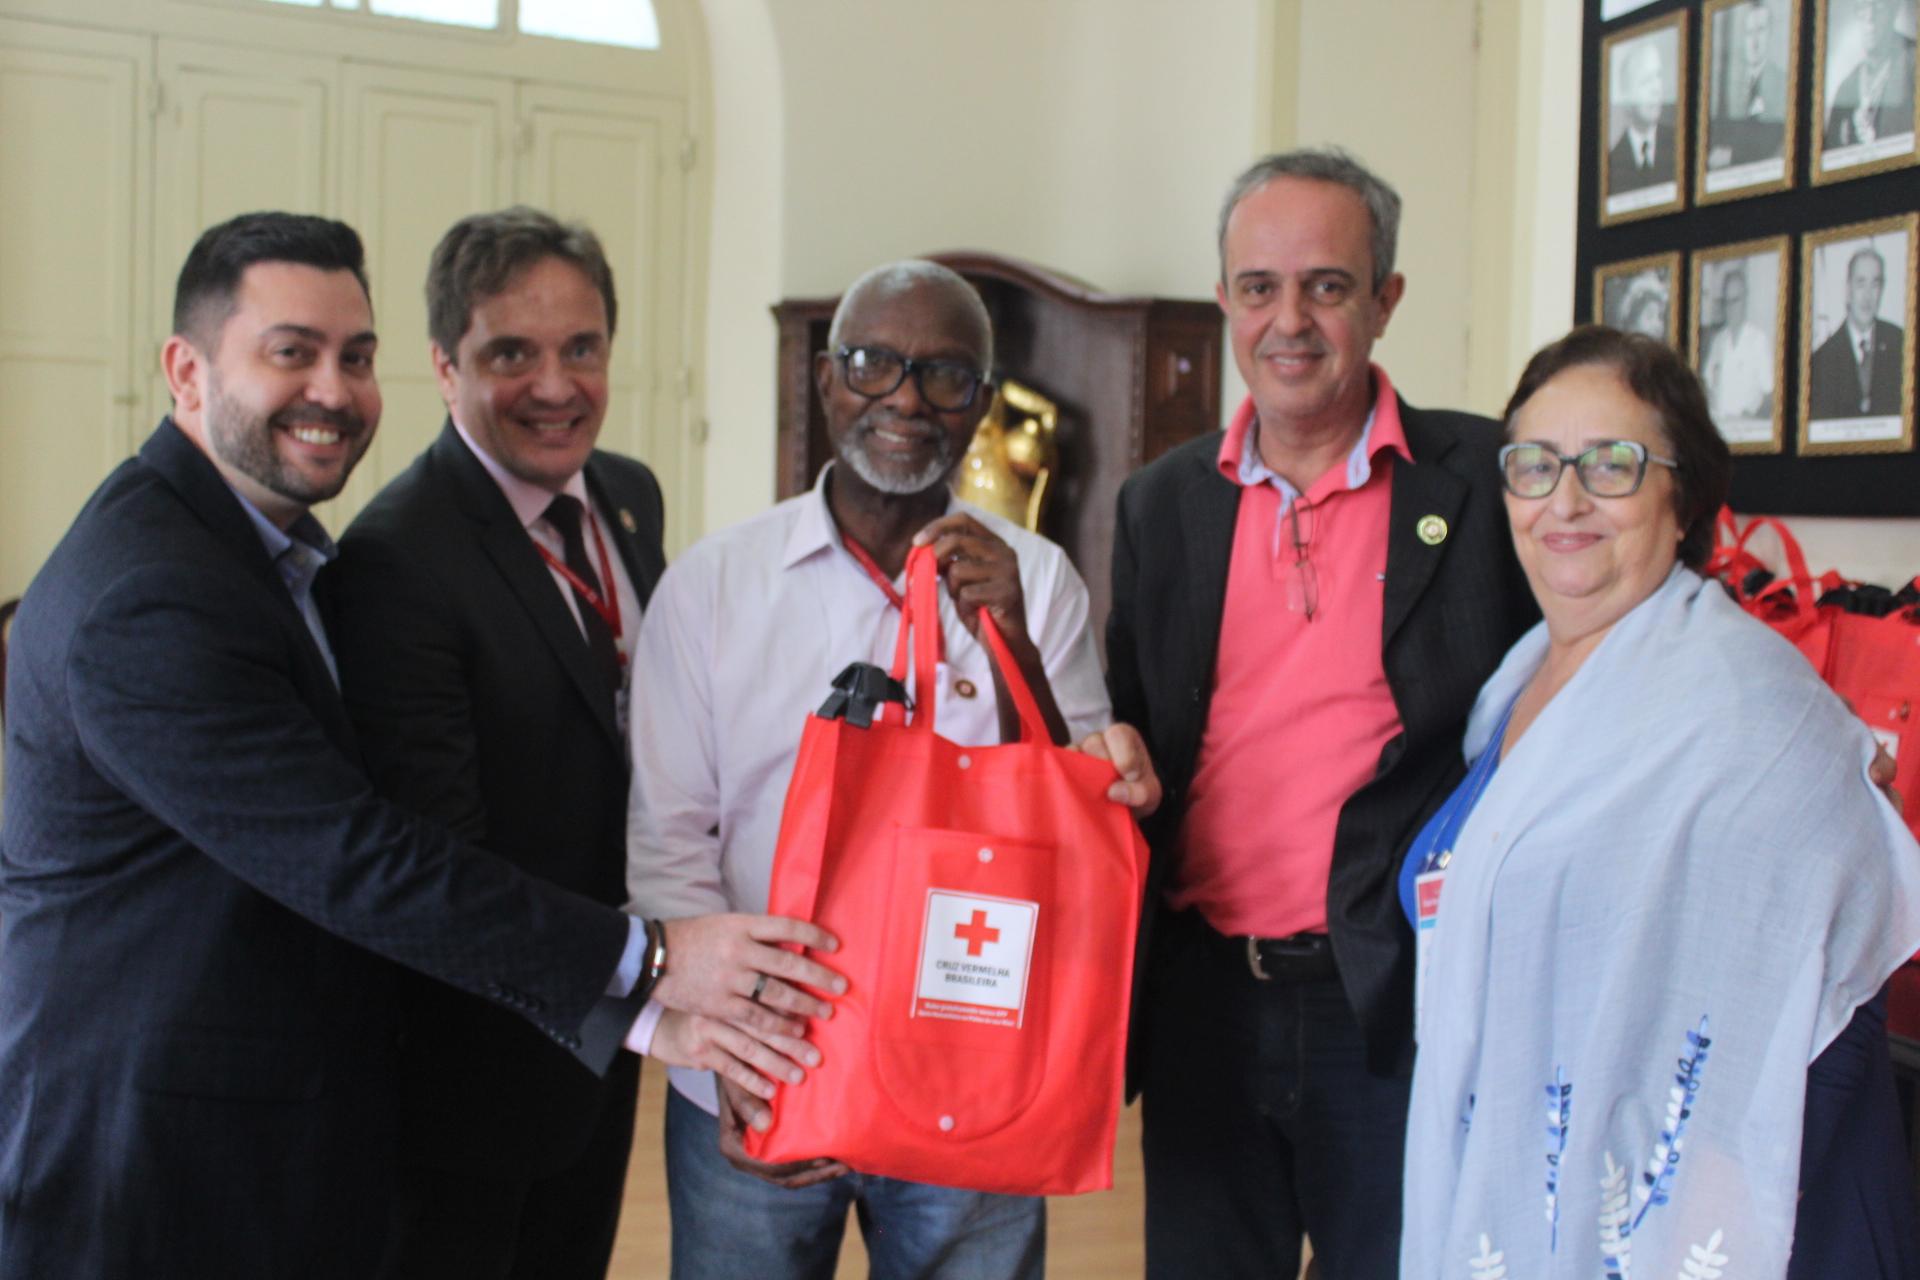 Cruz Vermelha Brasileira reúne presidentes e conselheiros nacionais em Assembleia Geral no Rio de Janeiro (5)